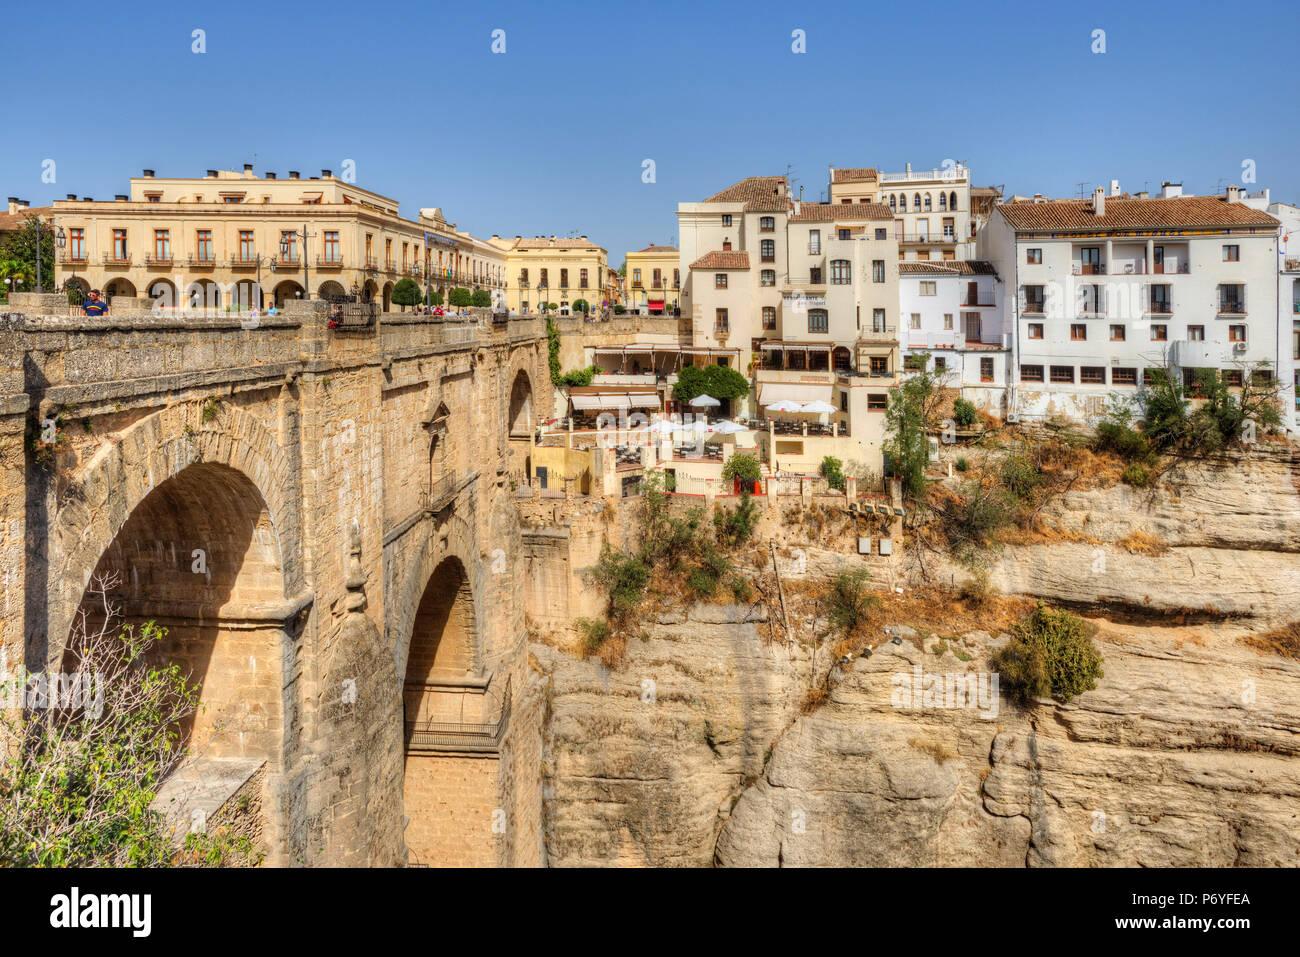 Puente Nuevo Puente sobre el Tajo Gorge, Ronda, Andalucia, Spain Imagen De Stock